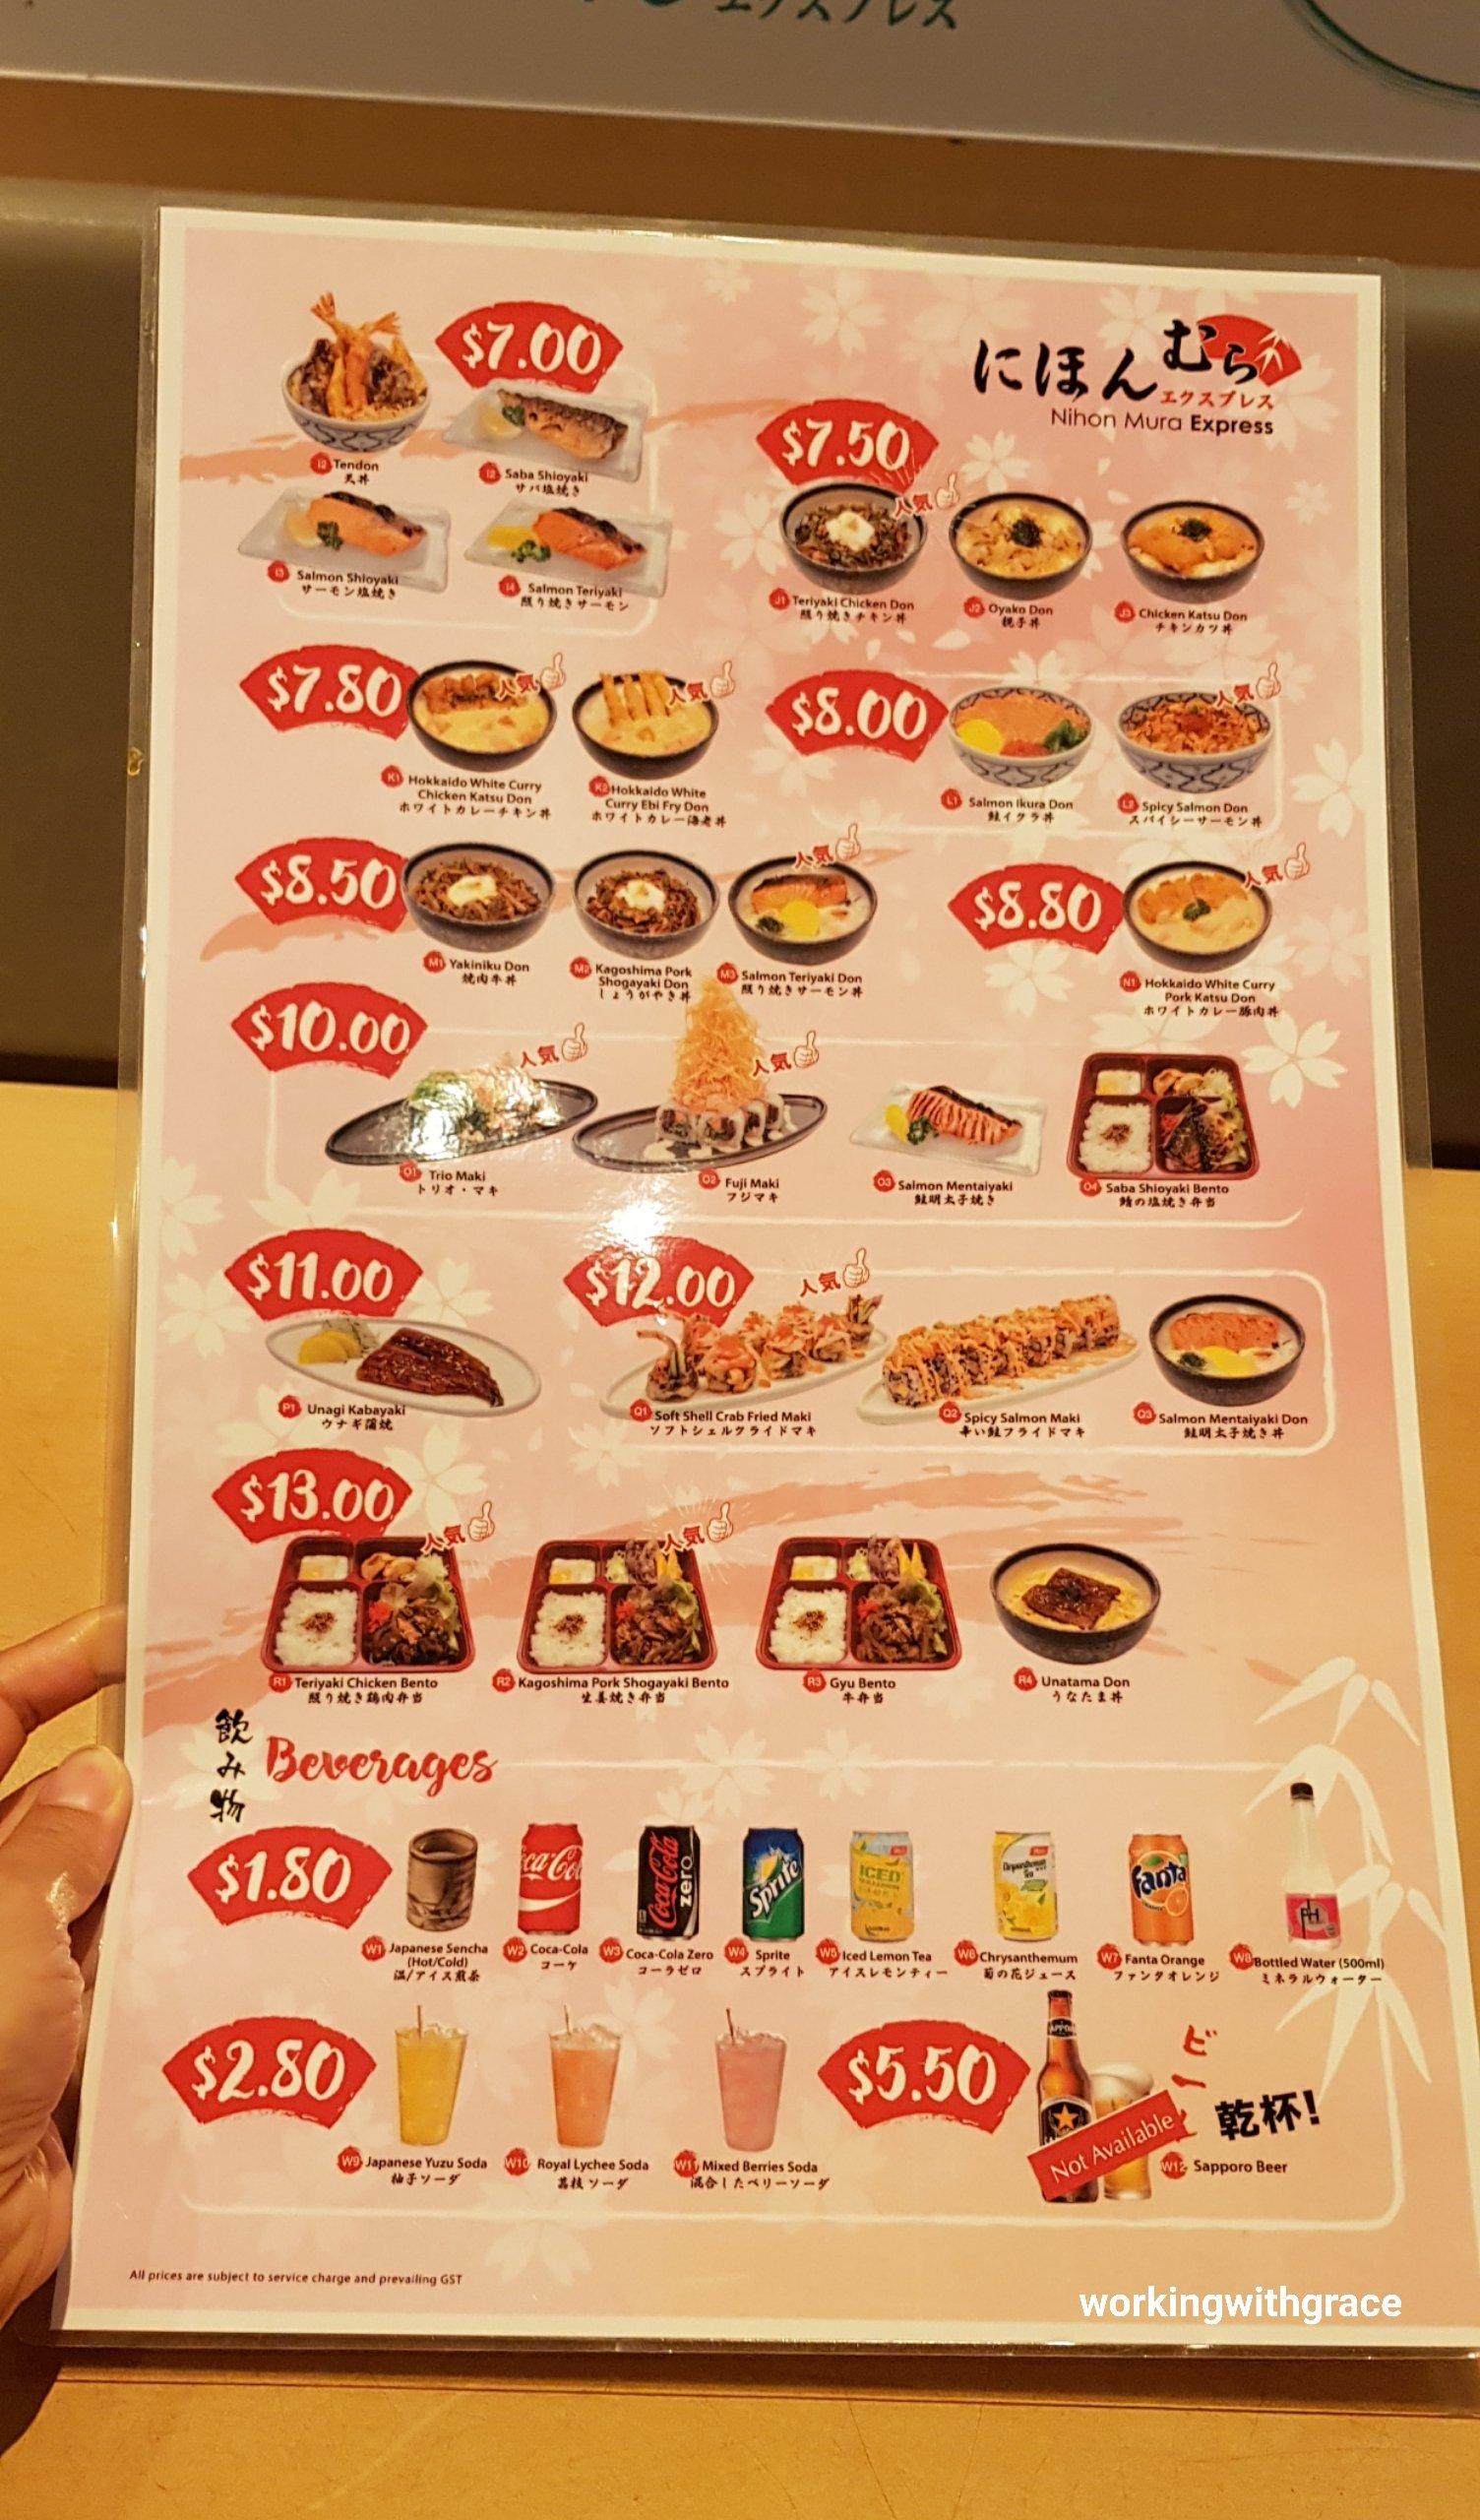 nihon mura express rivervale mall menu